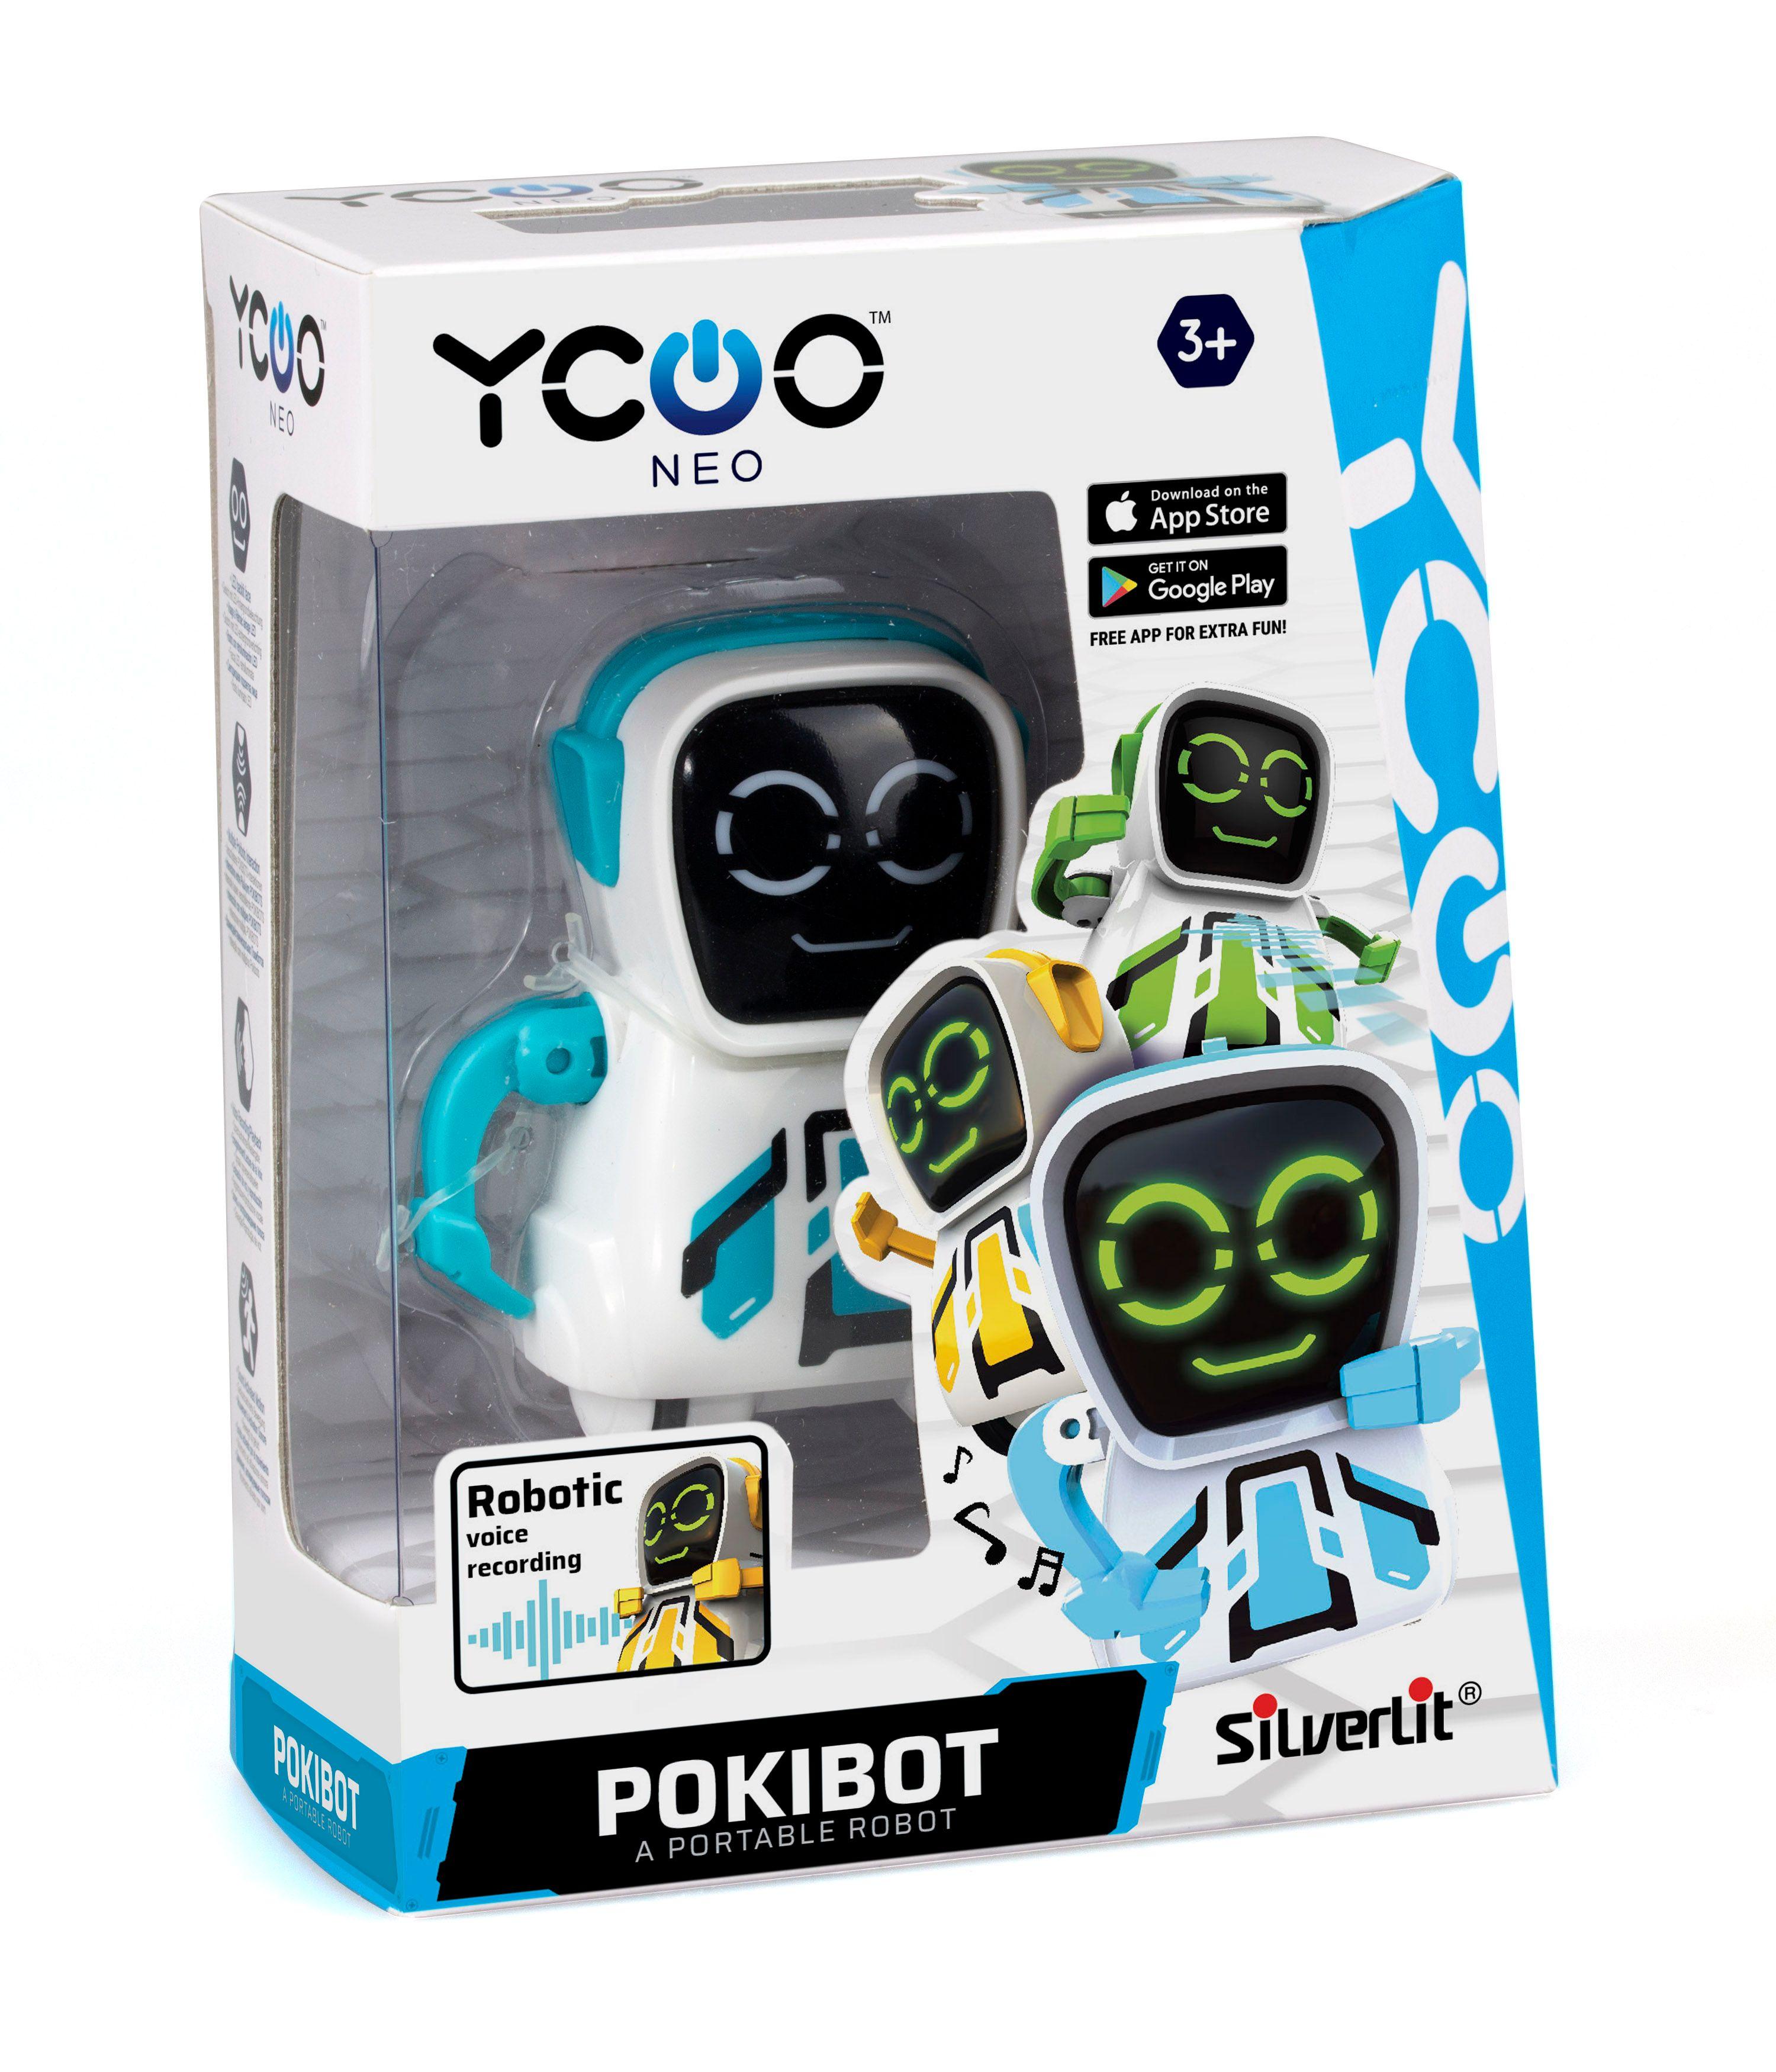 Pokibot Rund Robot - Blå